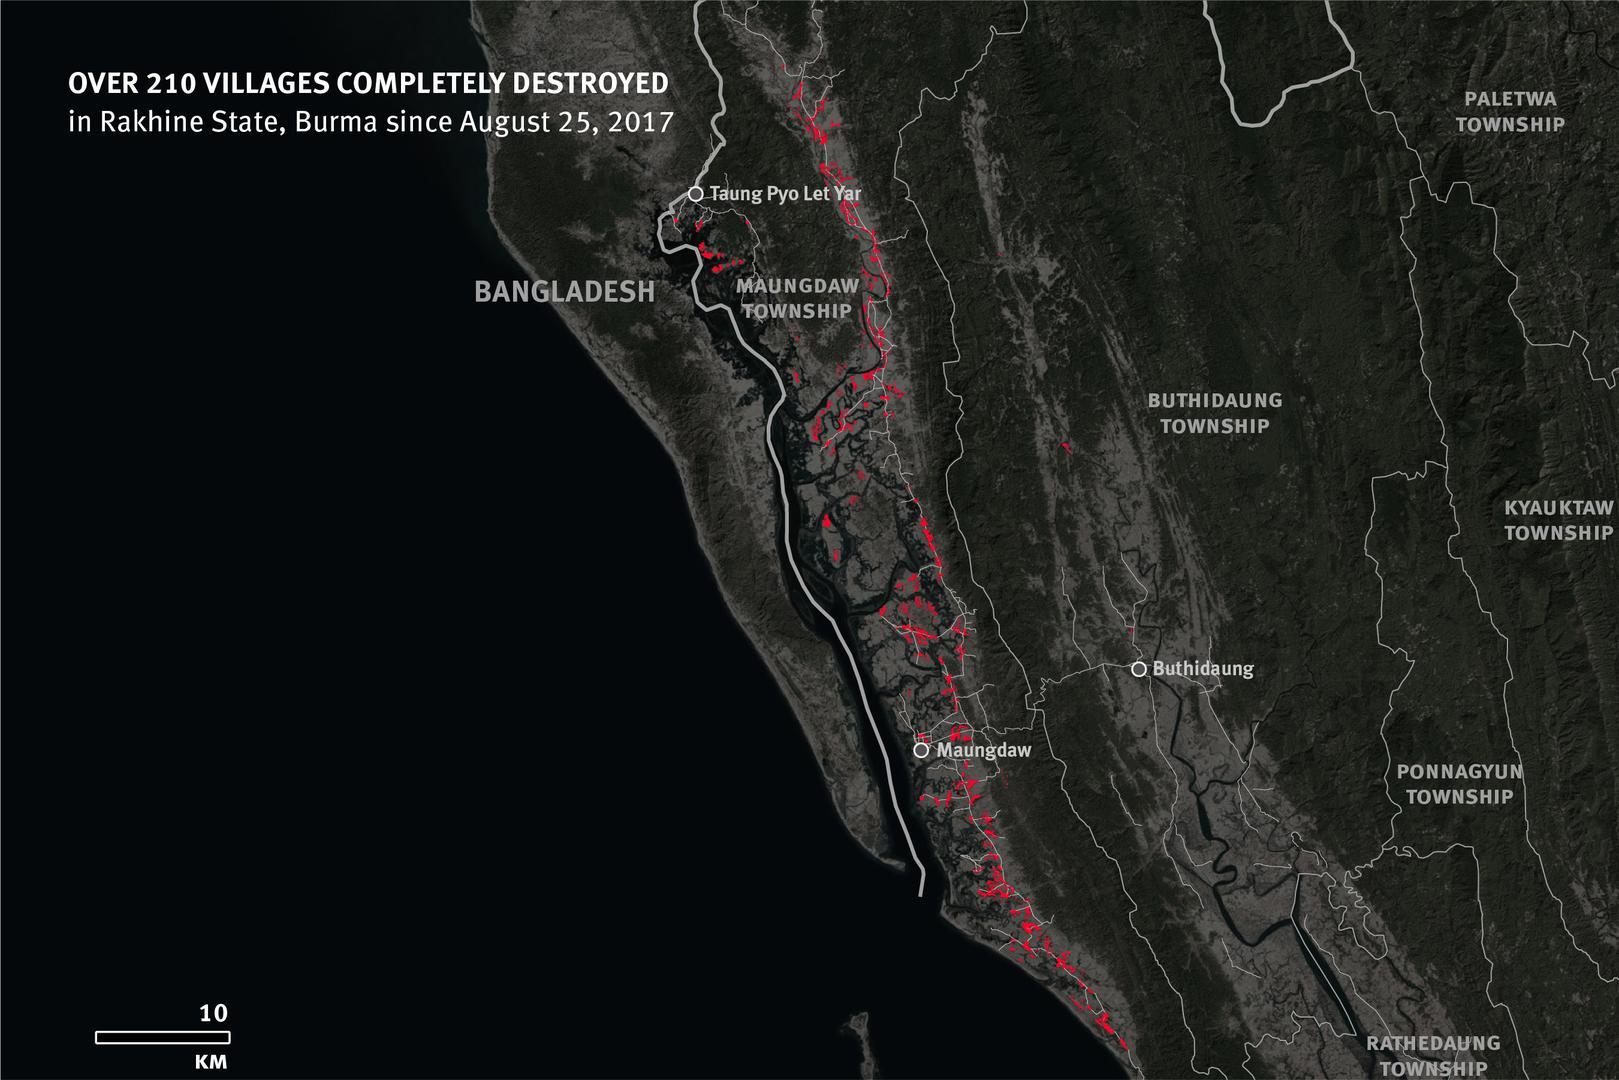 Over 210 Villages Destroyed